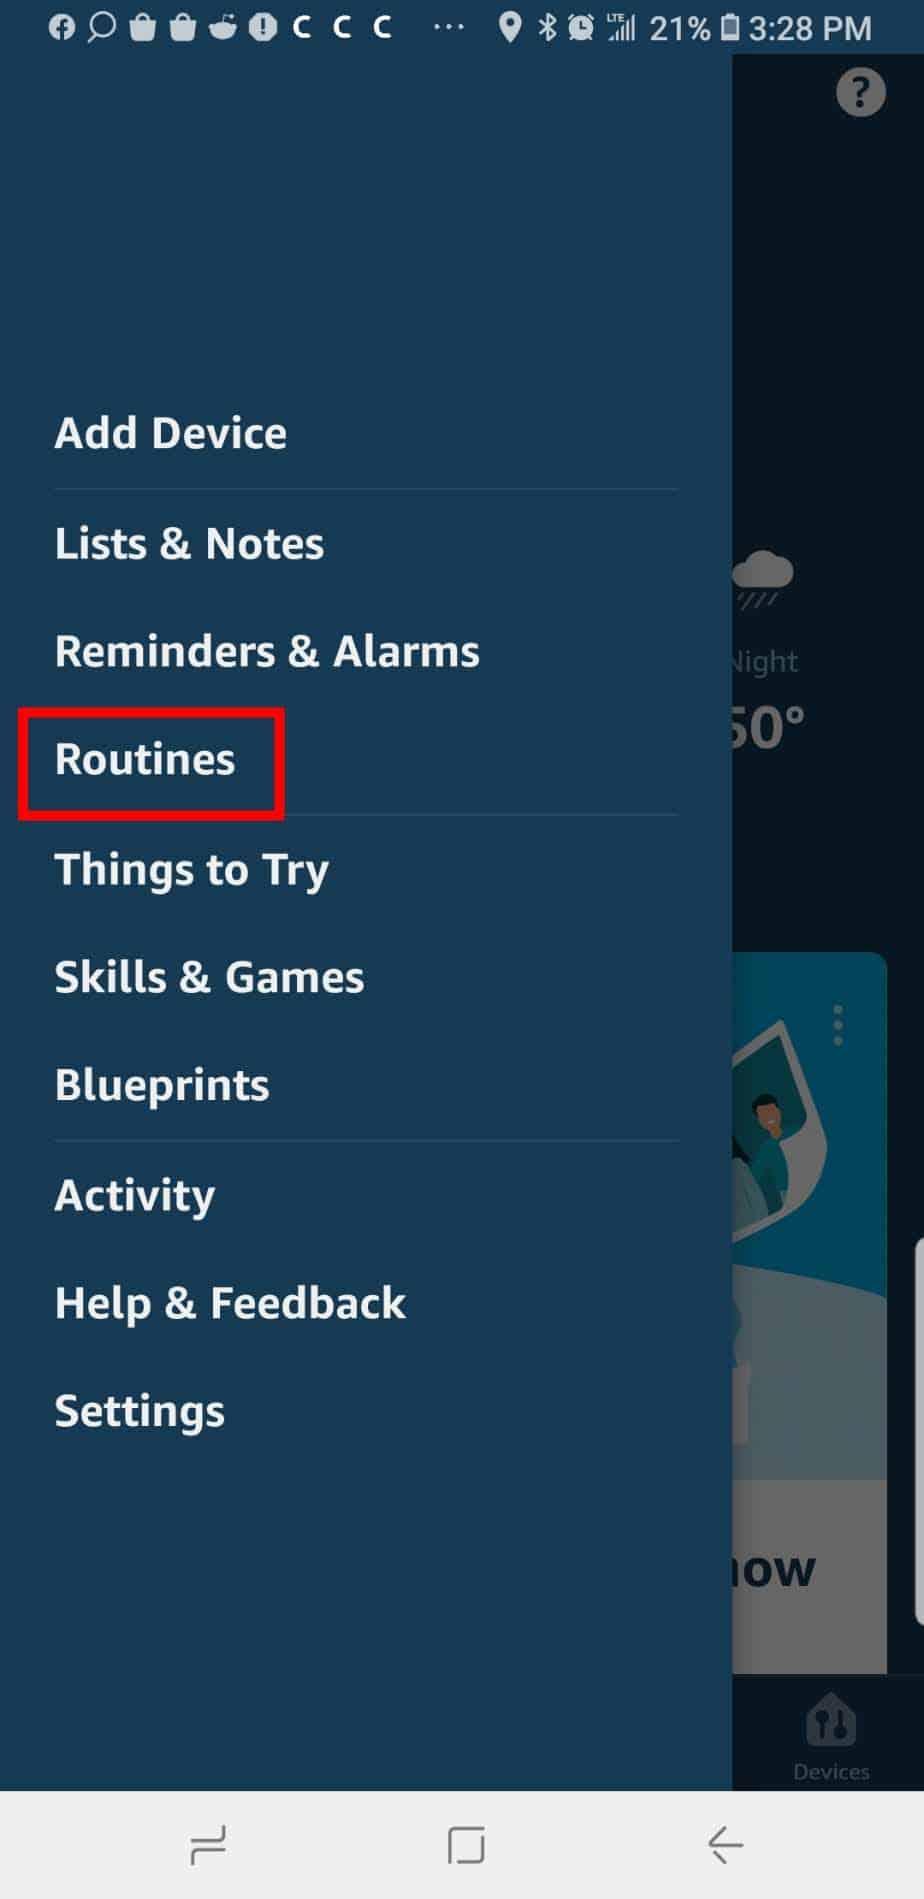 Alexa Main Menu For Creating A Routine